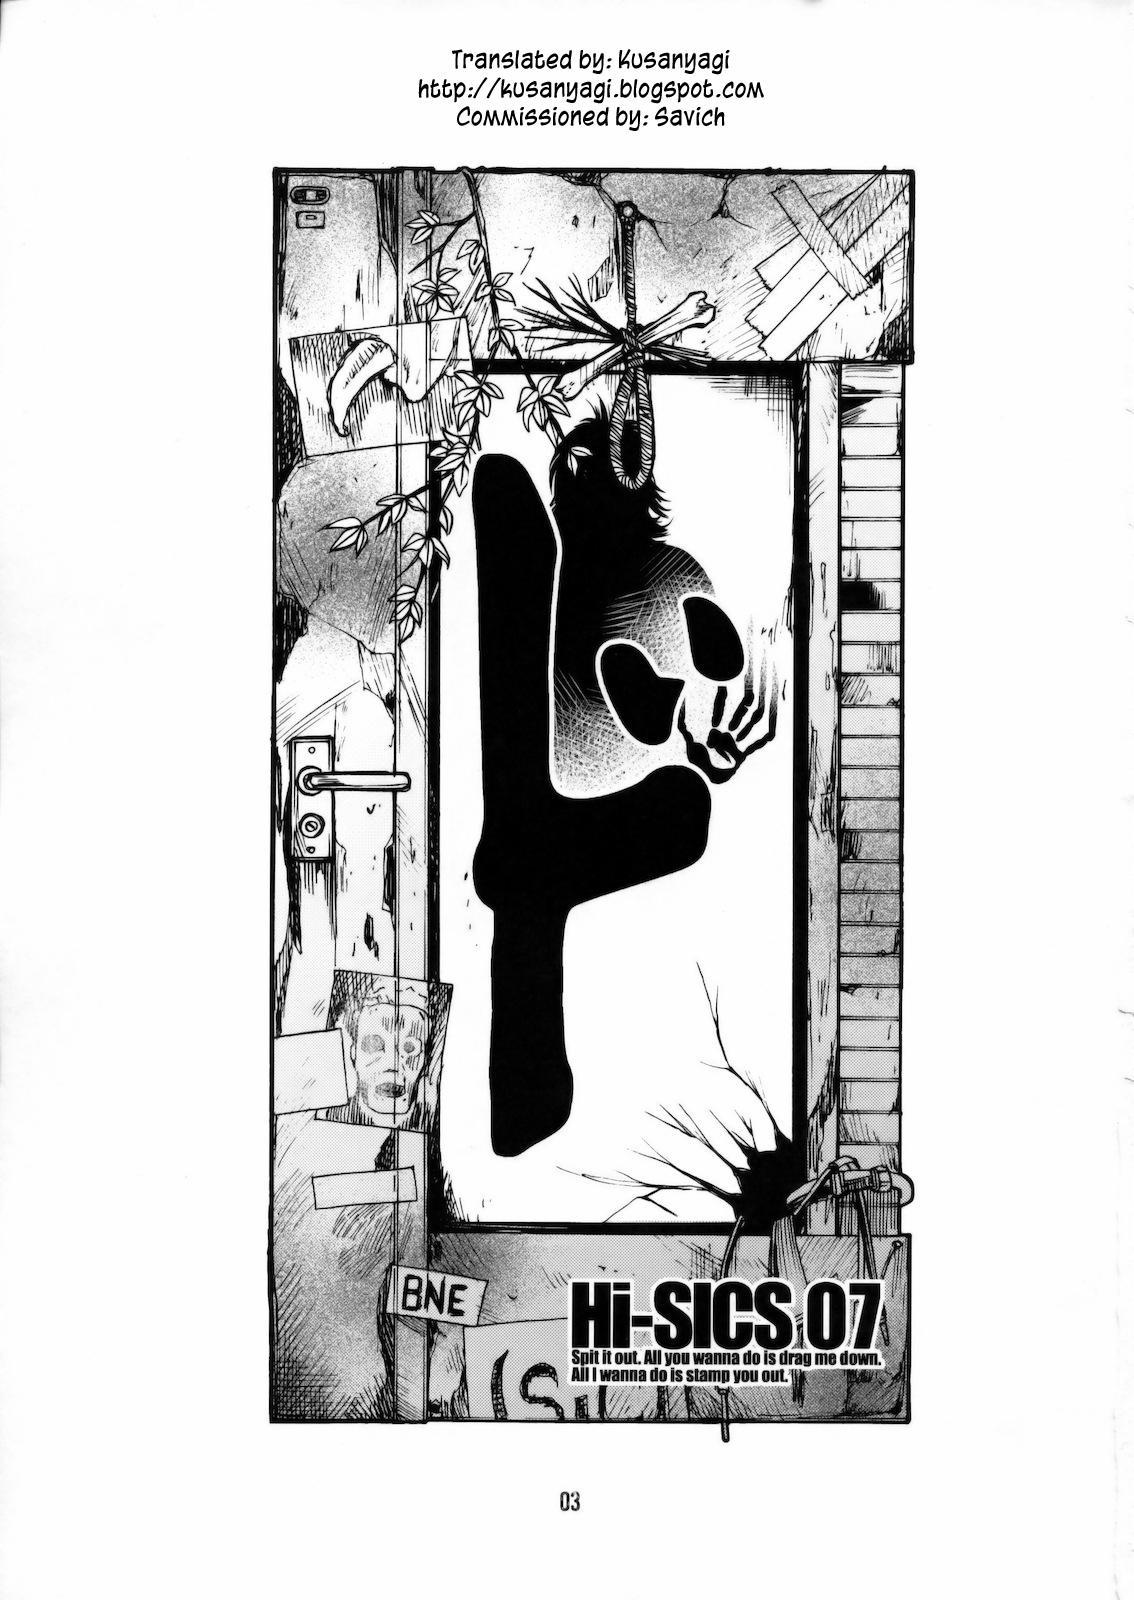 Hi-SICS 07 1